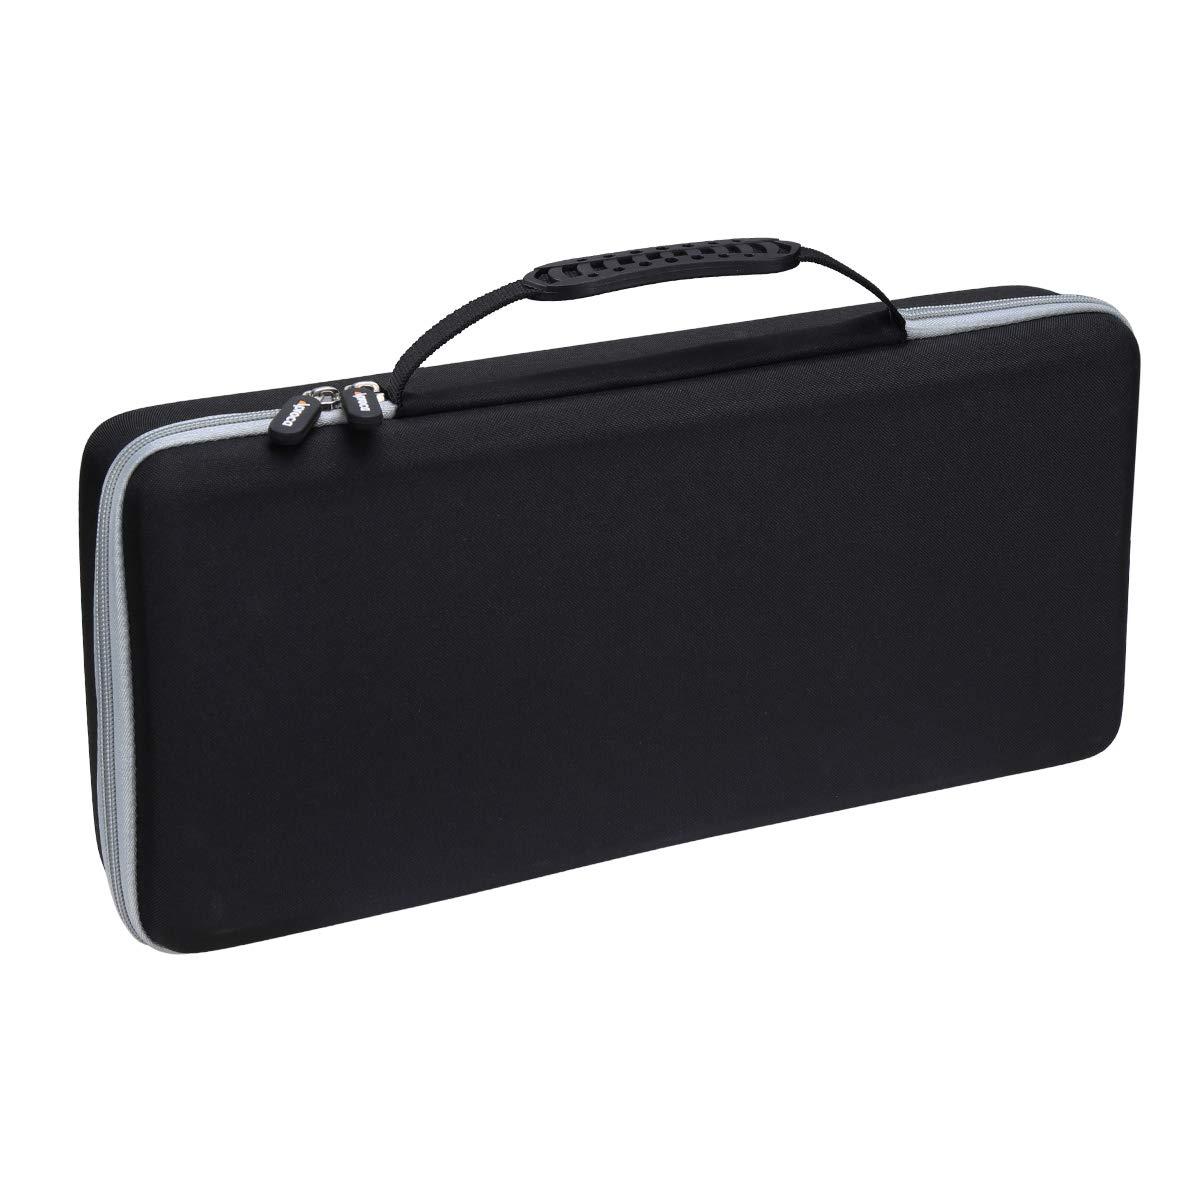 Amazon.com: Aproca - Funda rígida de viaje compatible con ...